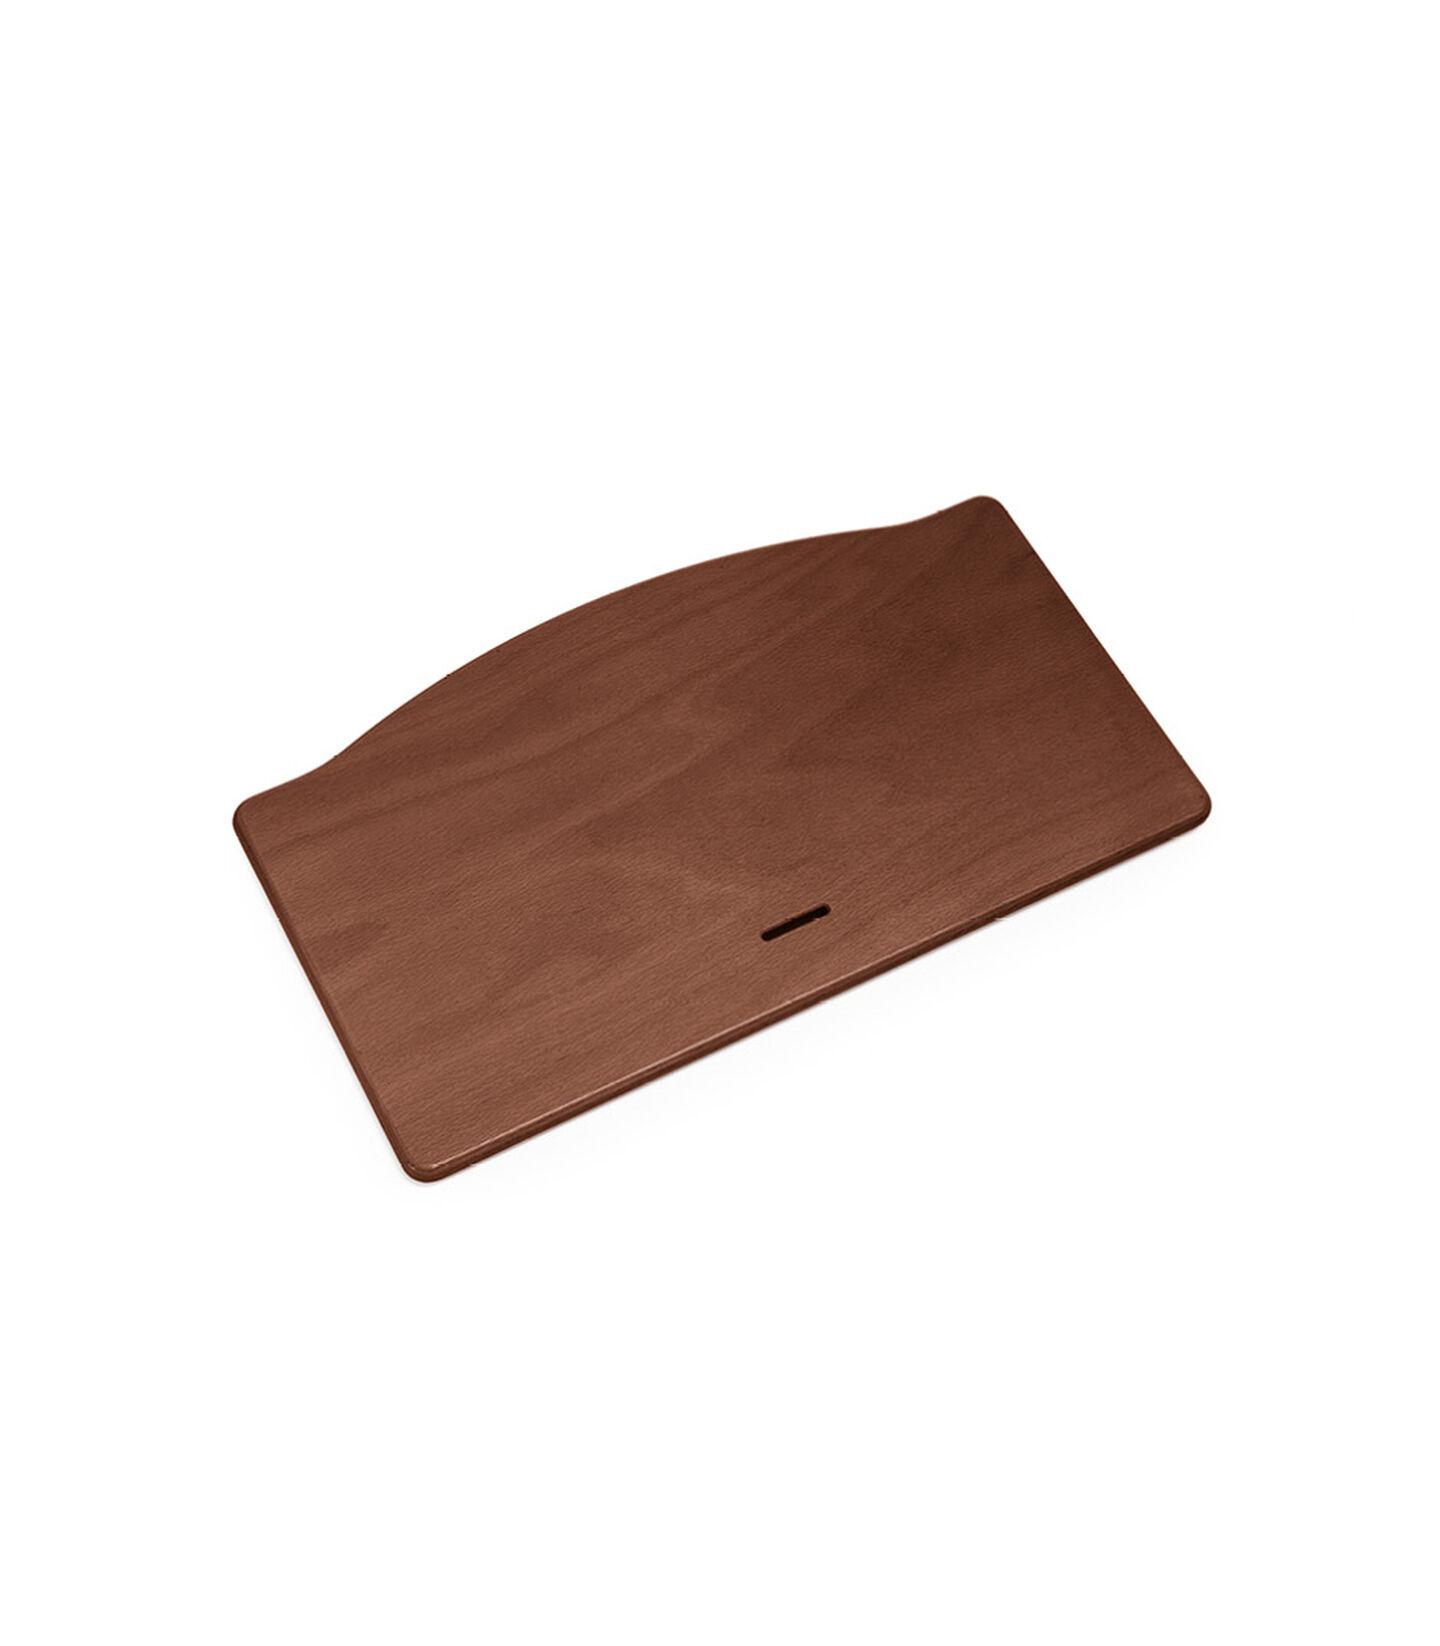 Tripp Trapp® Sitzplatte Walnut Brown, Walnut, mainview view 1